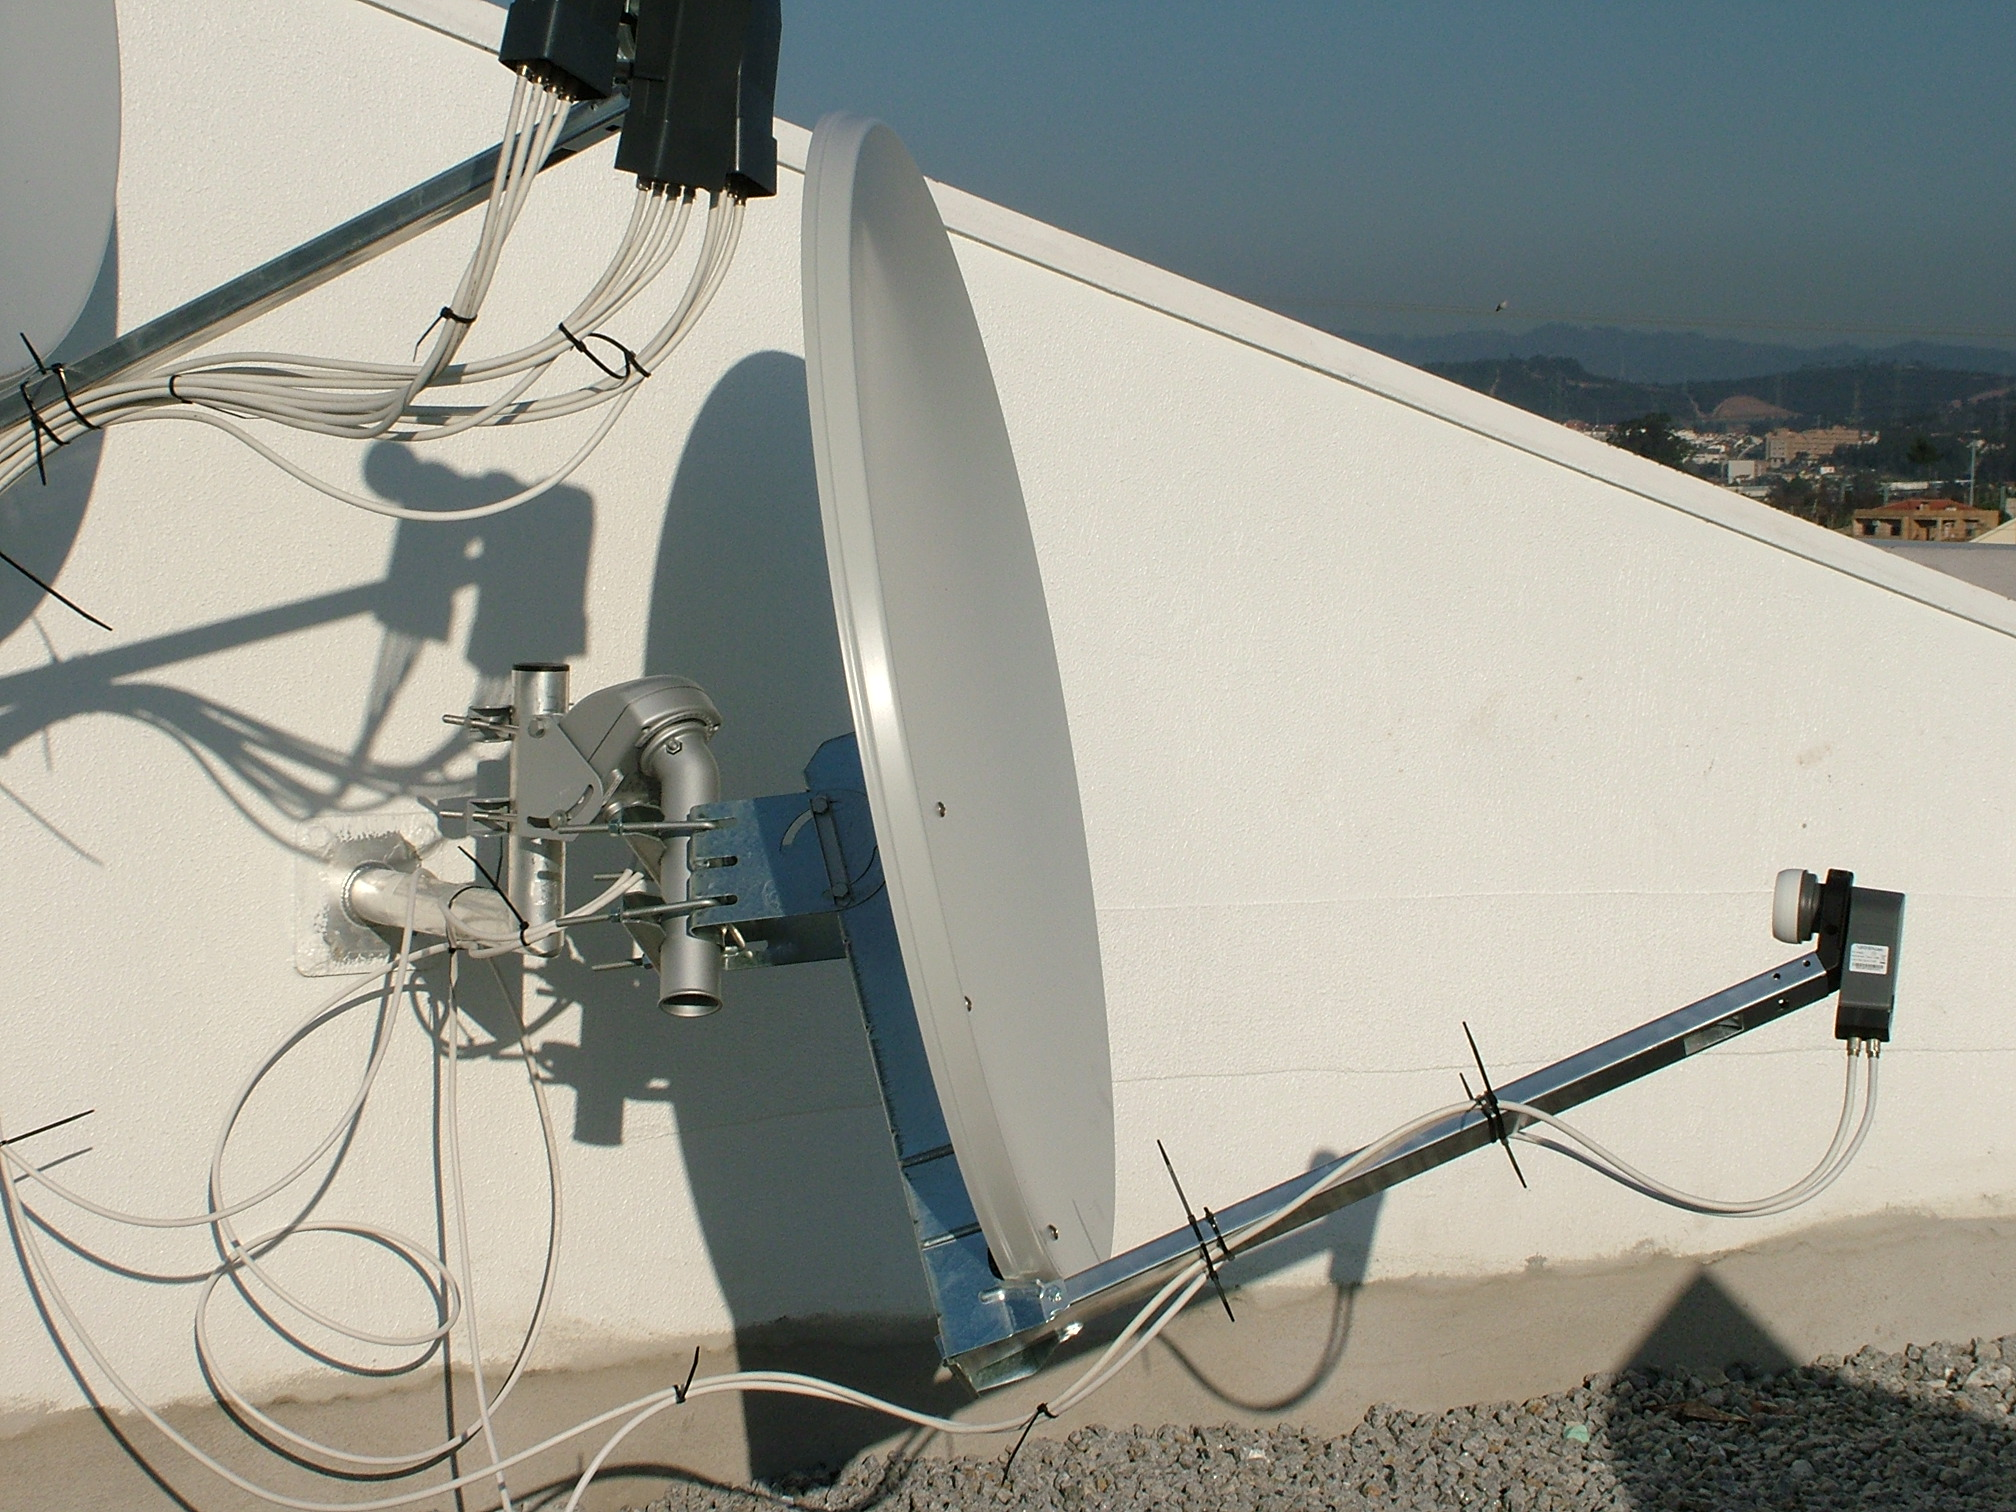 My Satellite Equipment